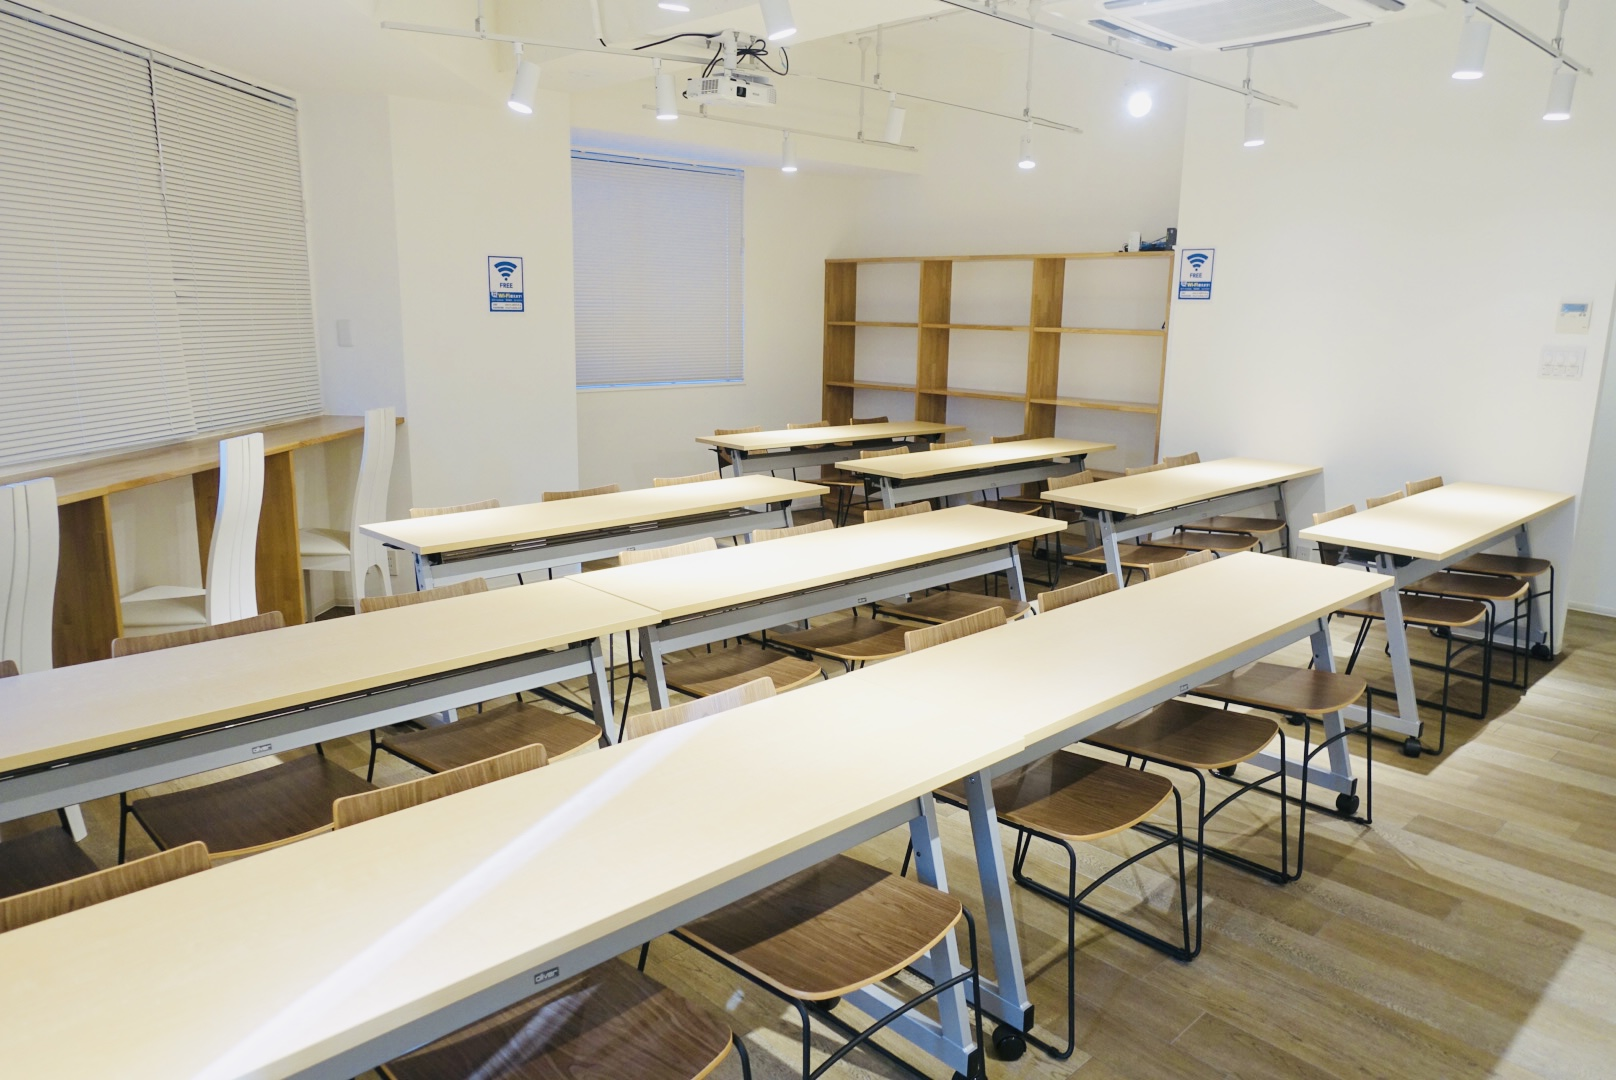 レンタルスペース「スペースマーケット会議室 ーT's南森町3Fー」の画像5